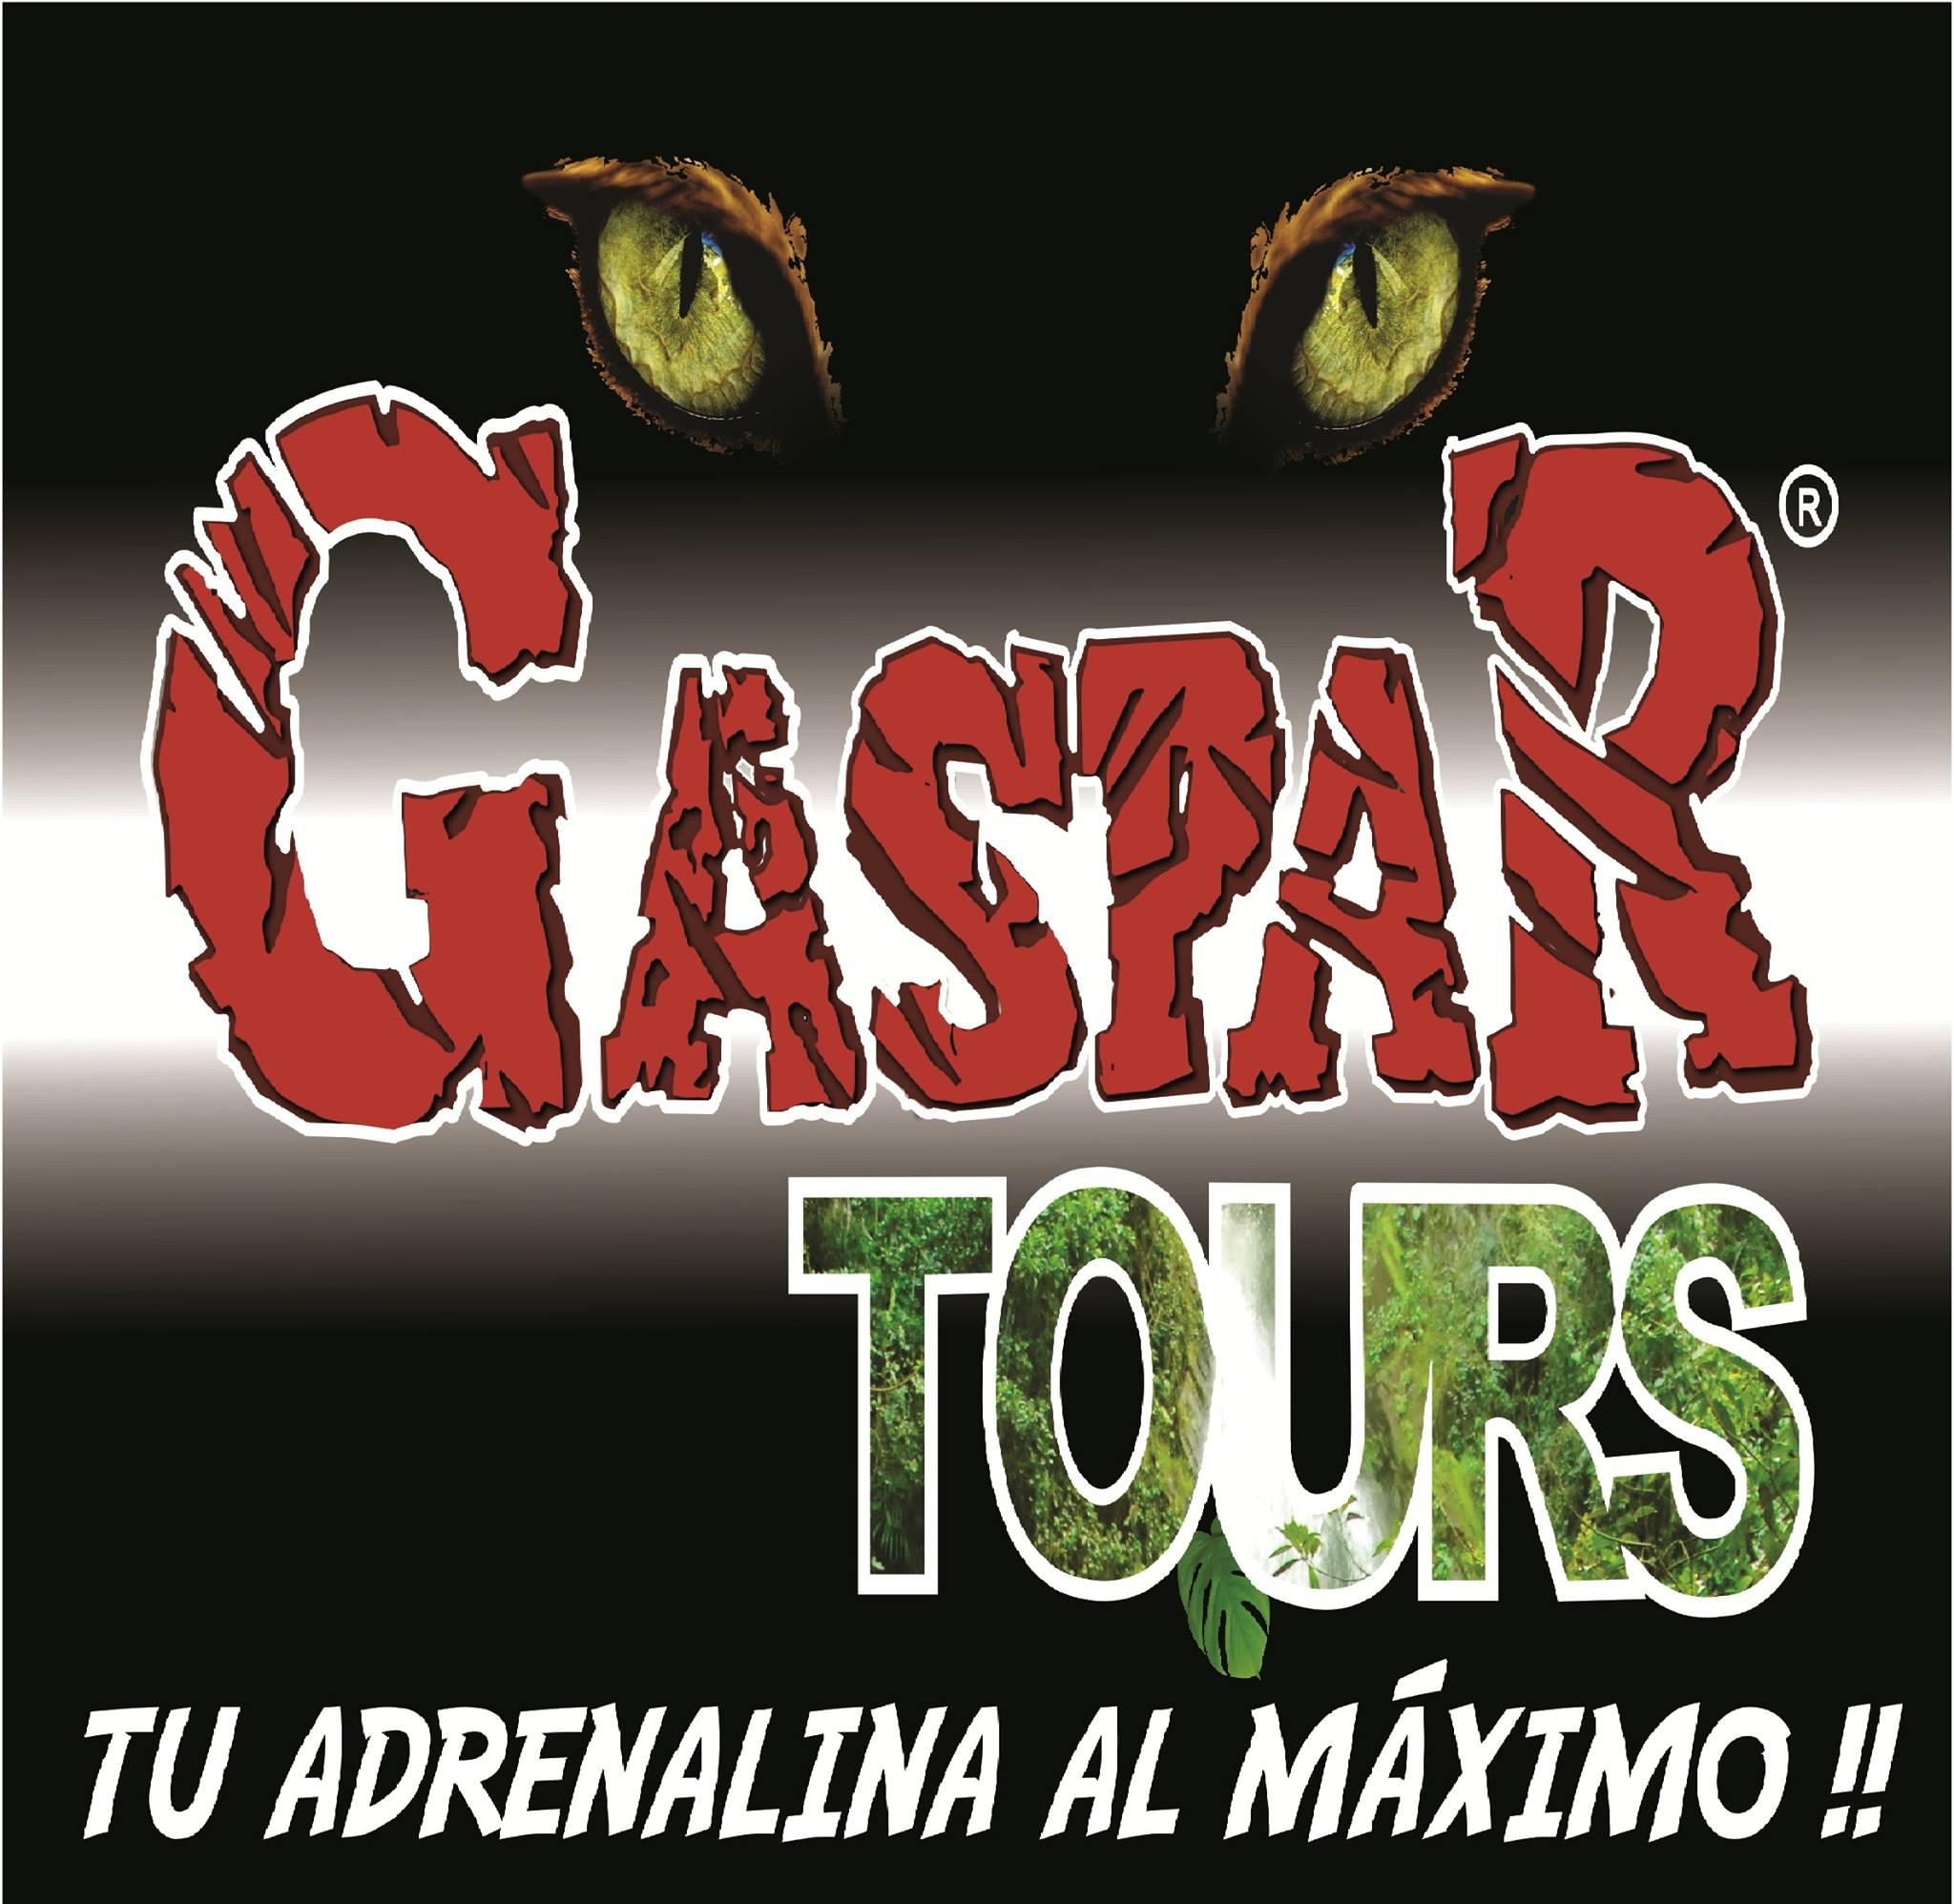 Guía turística en Satipo Gaspar Tours